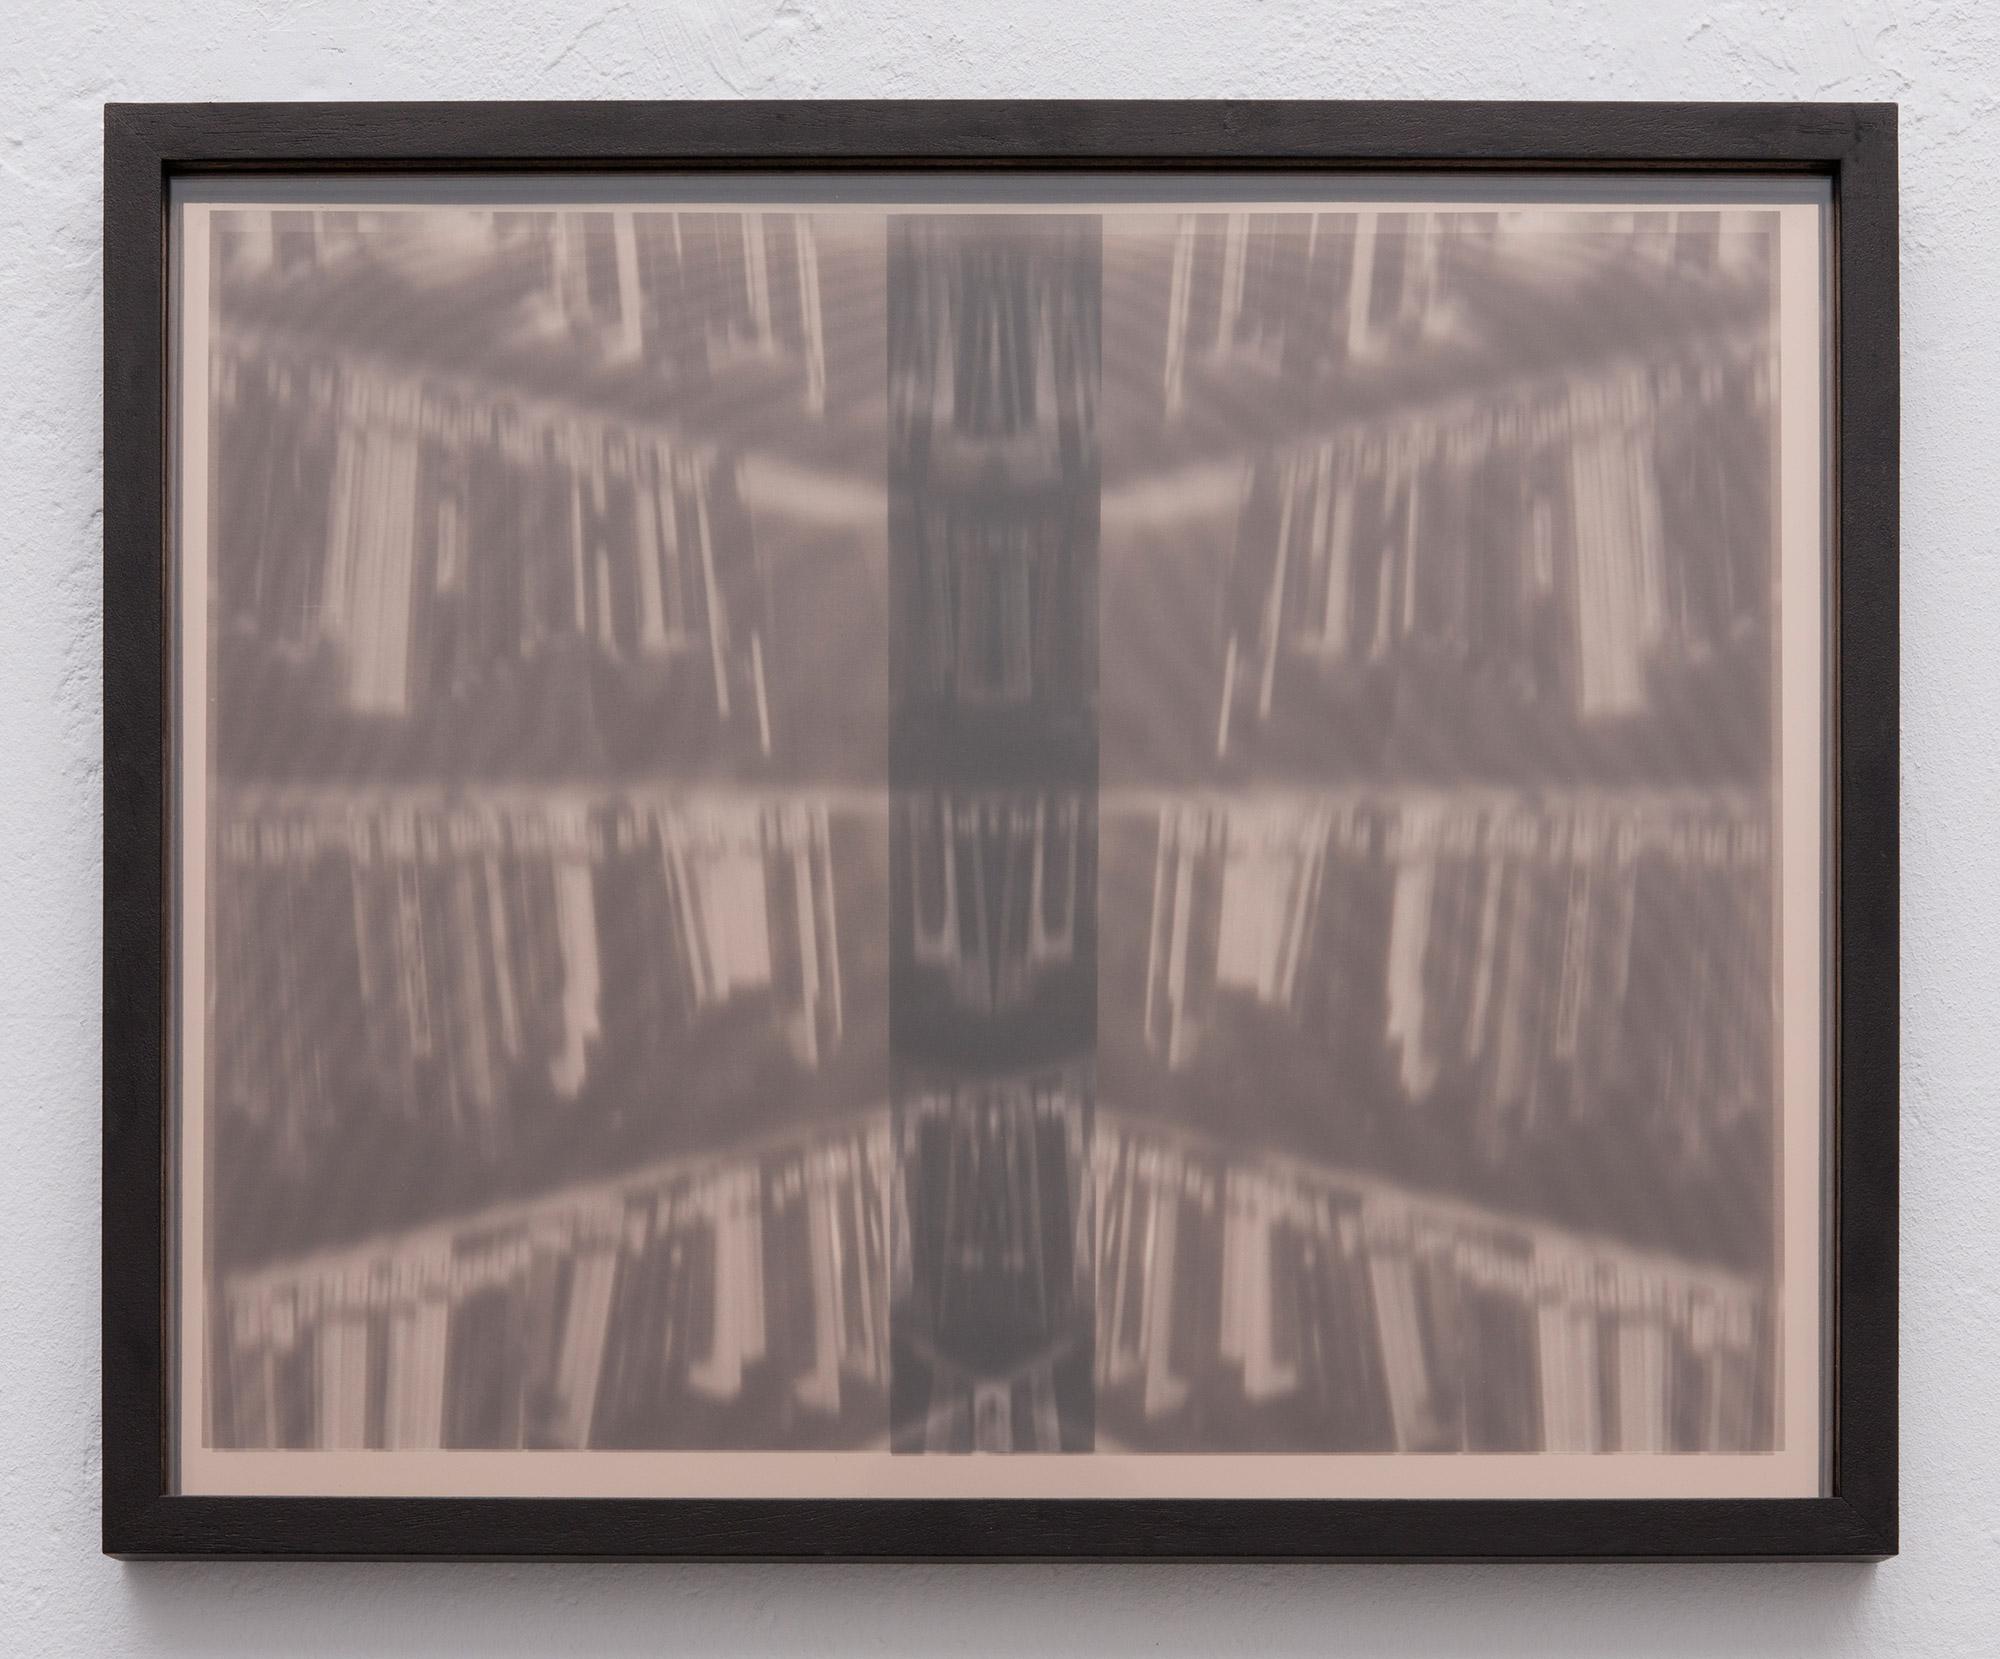 Amir Fattal, Spine, 2010, framed transparancies